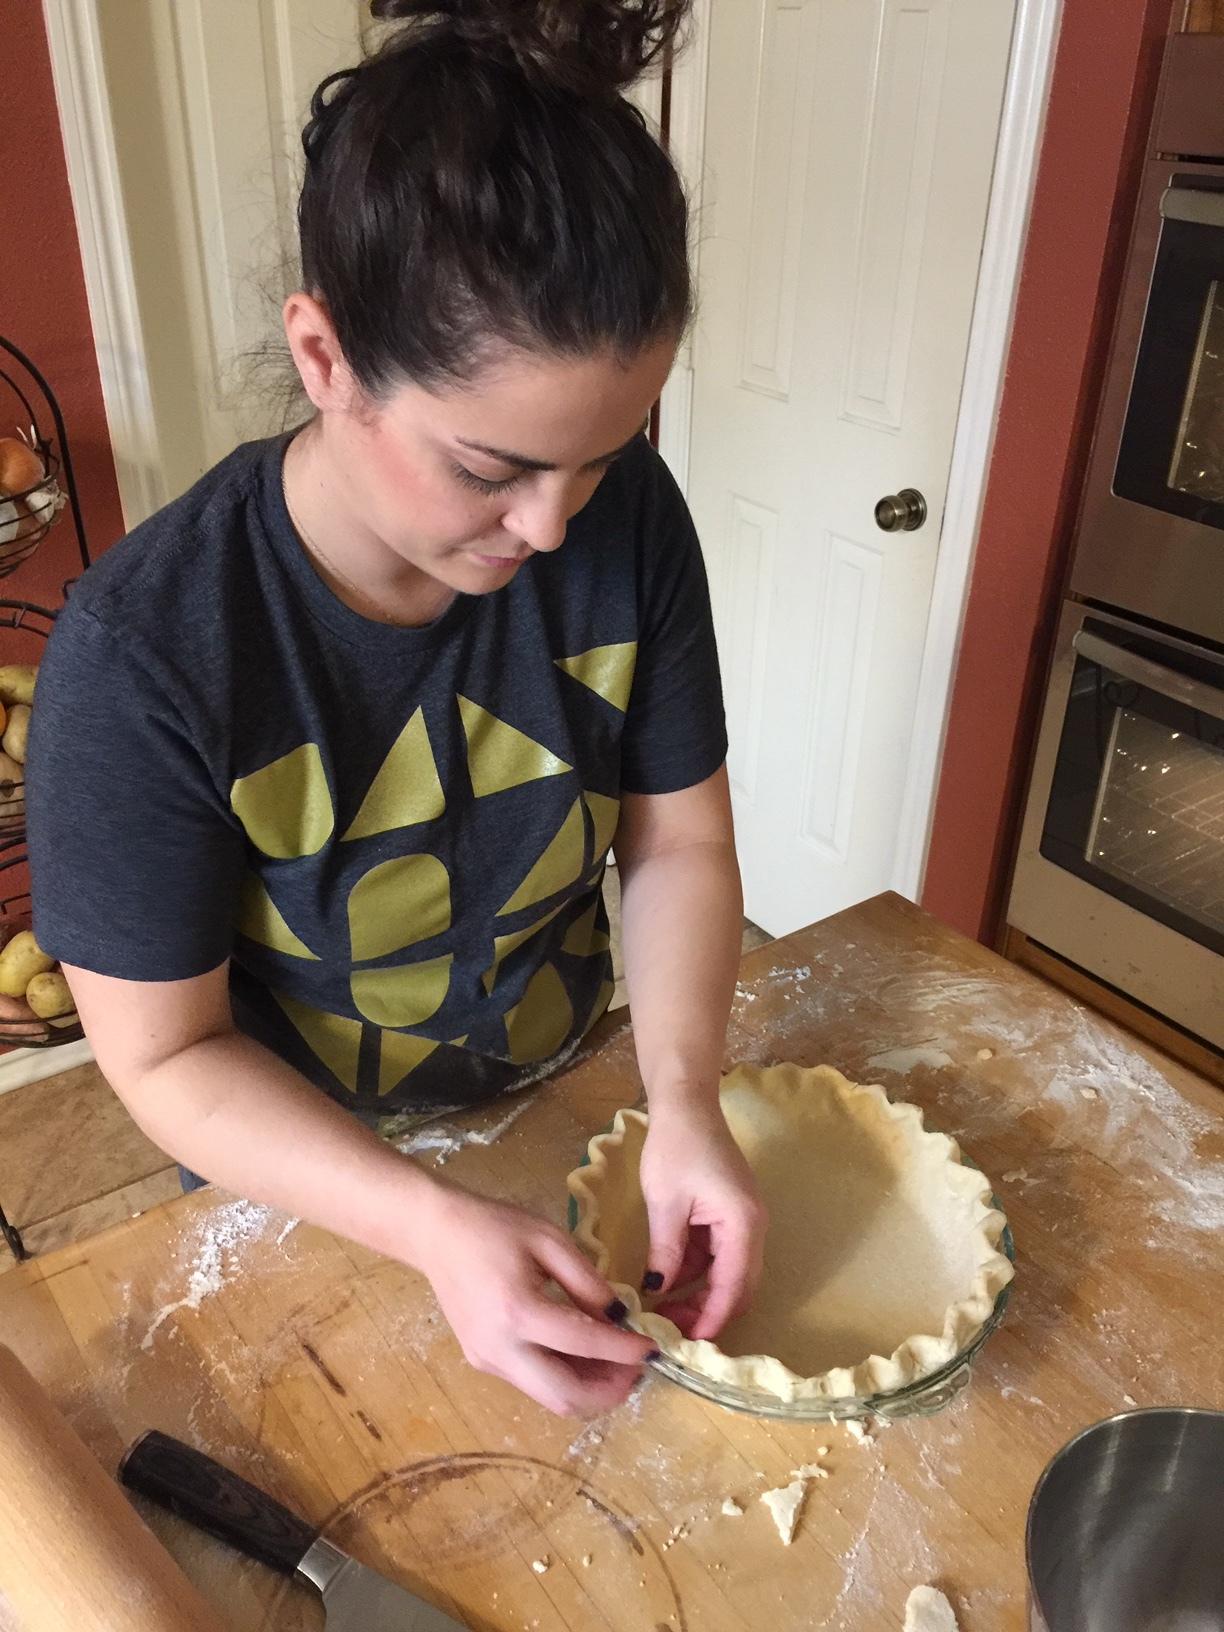 Caitlin the pie crust QUEEN!